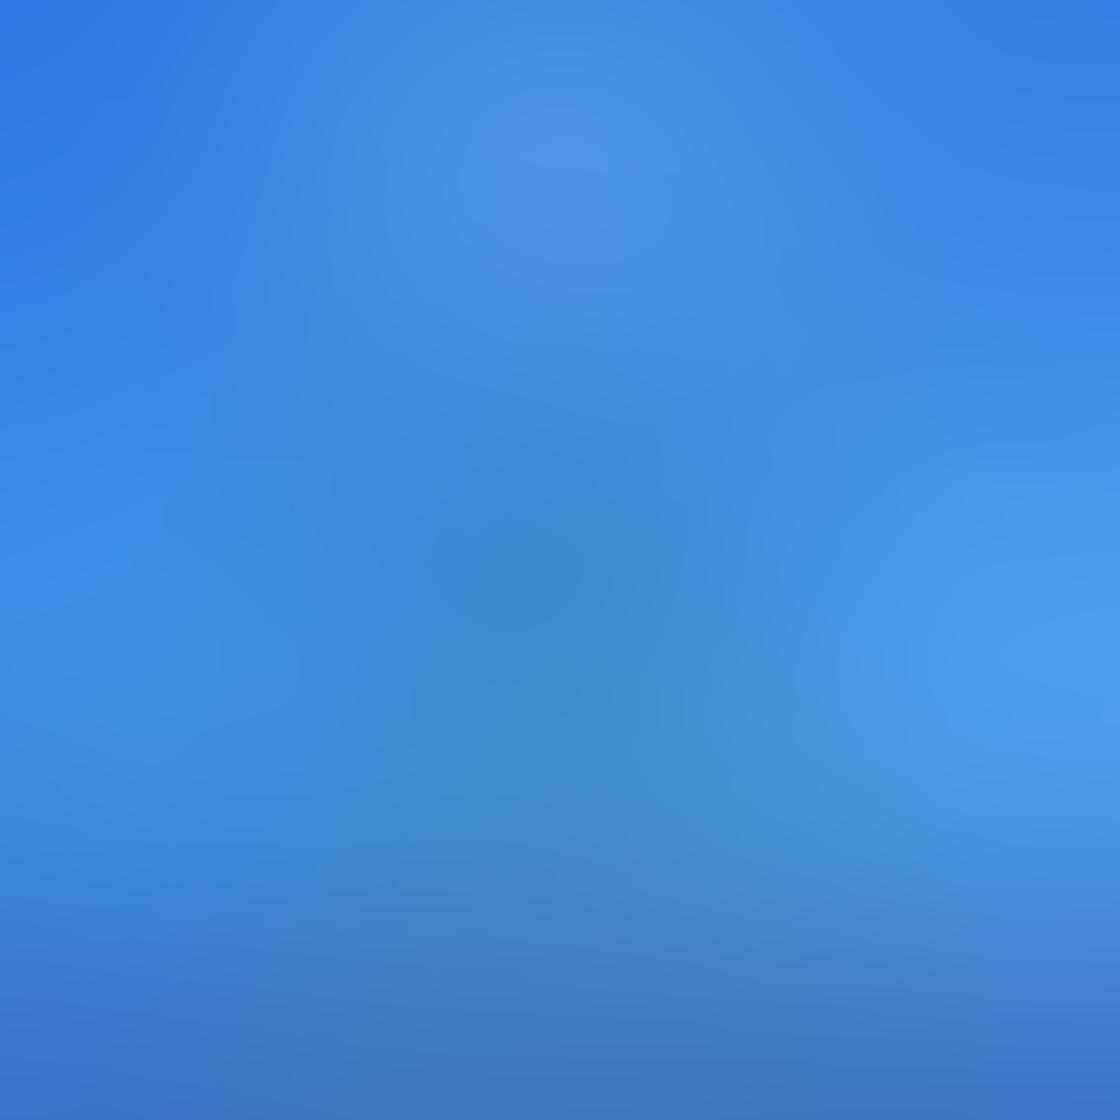 iPhone Empty Space Photo 25